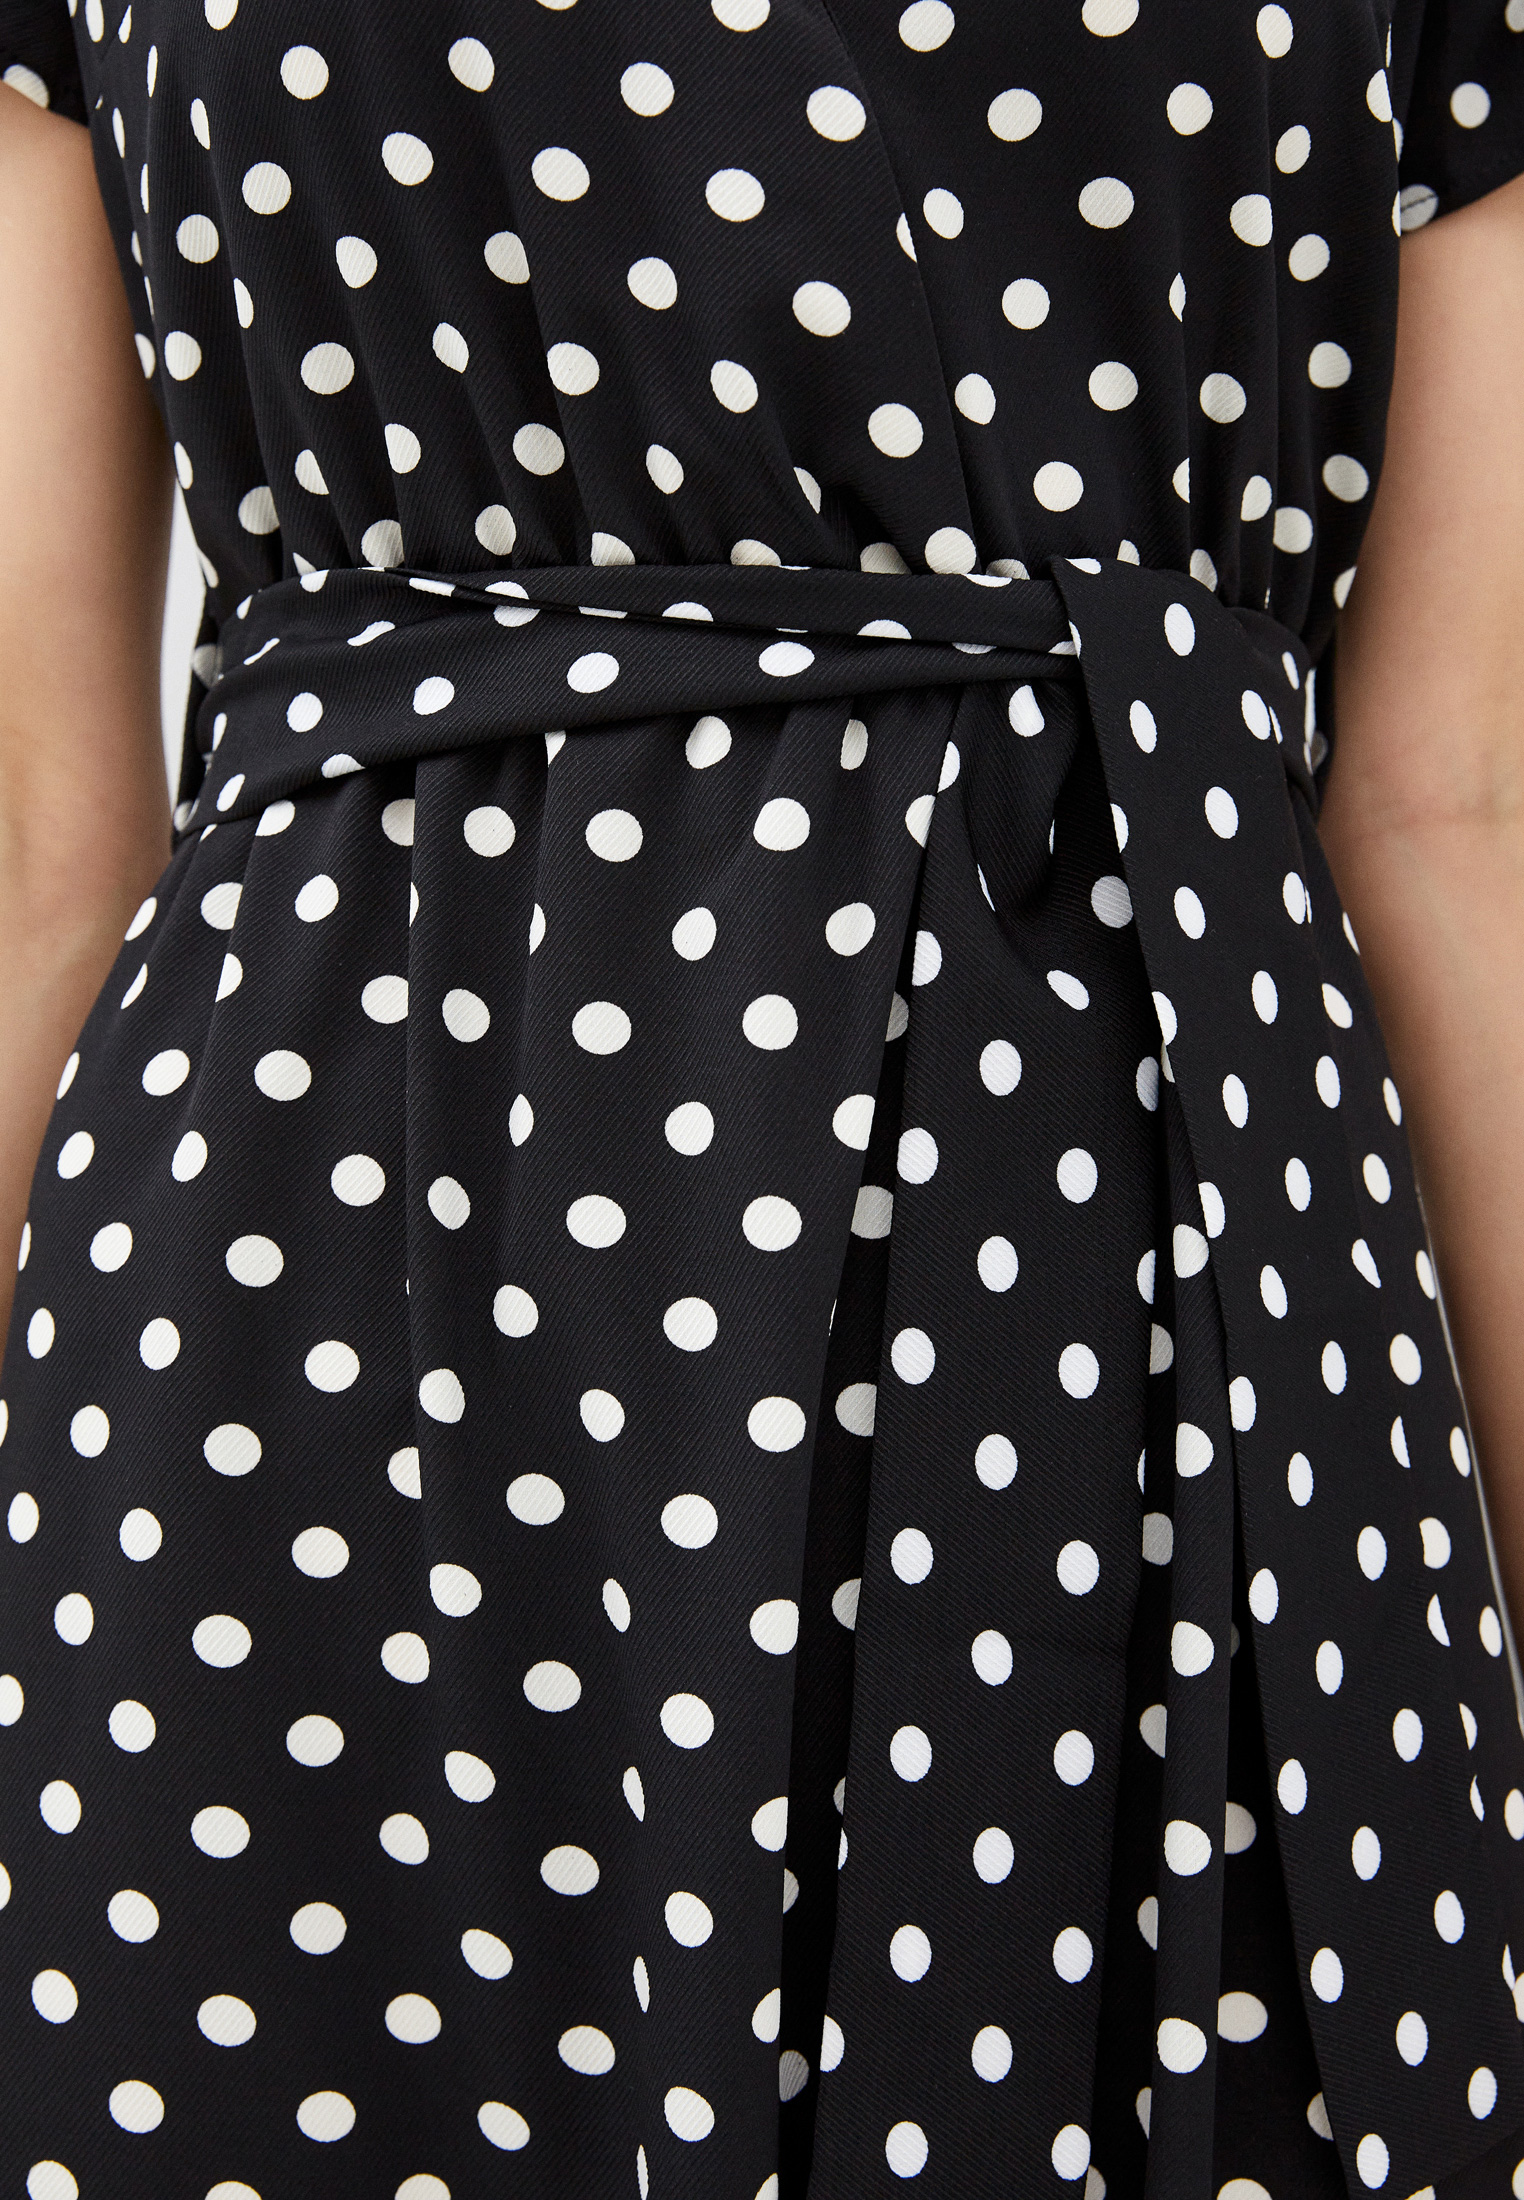 Платье Pink Orange PO21-13674-3: изображение 4